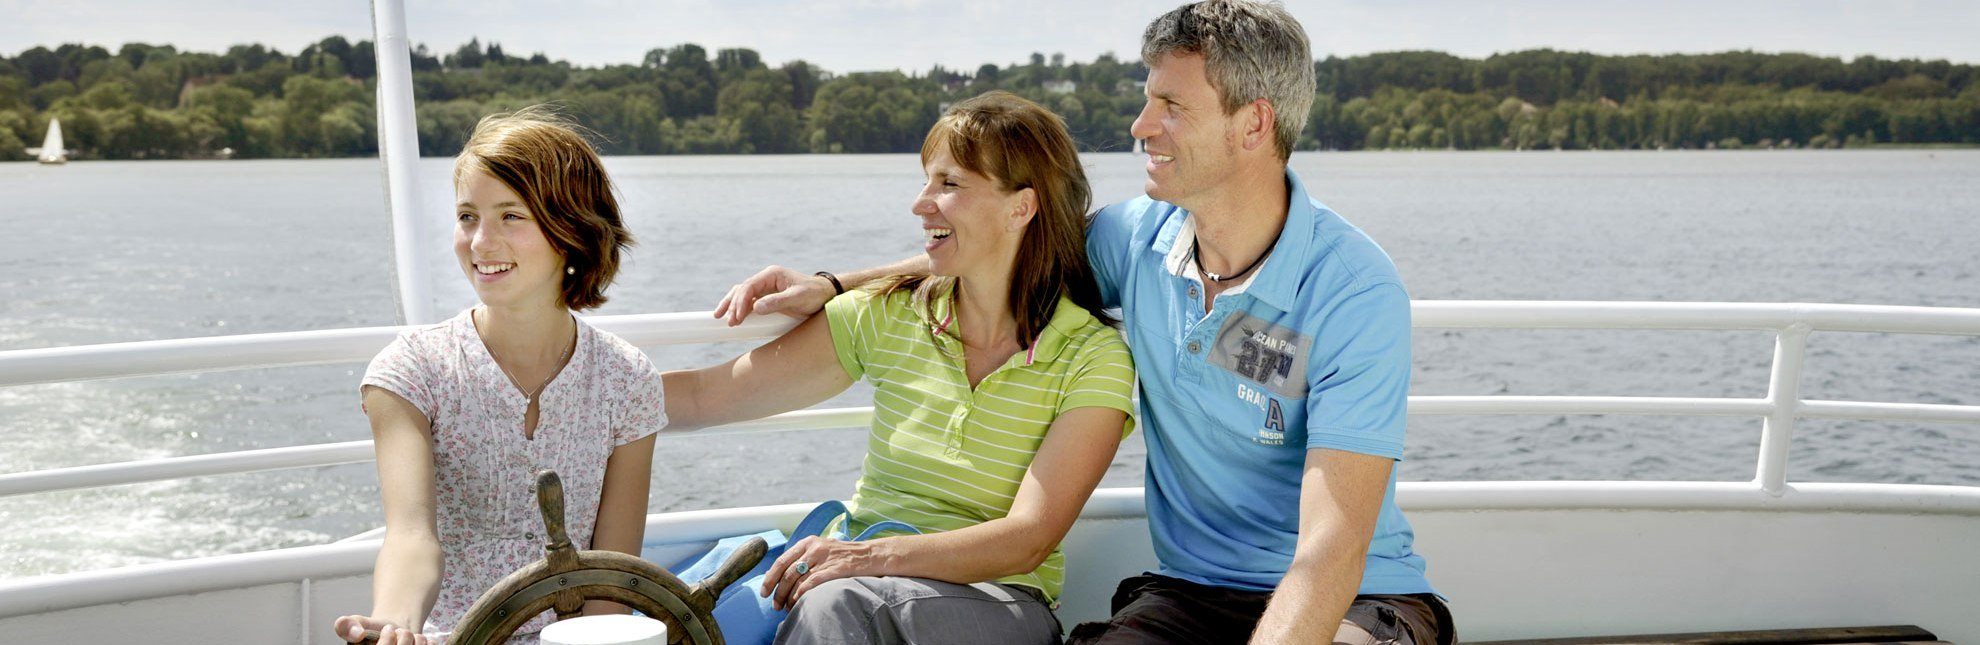 Schifffahrt auf dem Ratzeburger See, © photocompany GmbH